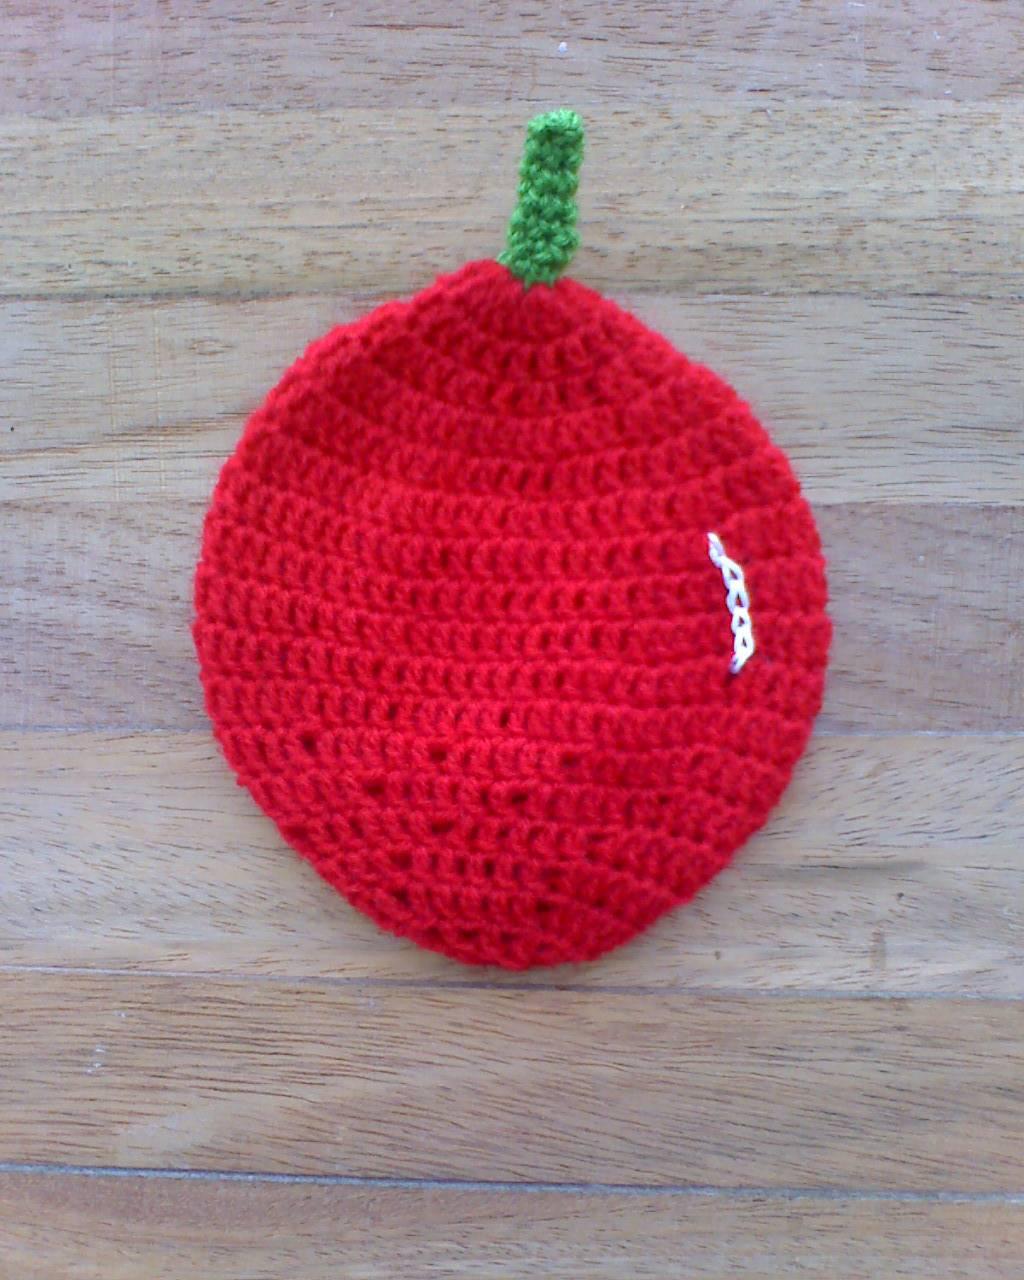 Frutas tejidas a crochet paso a paso por Patty Hübner - Innatia.com